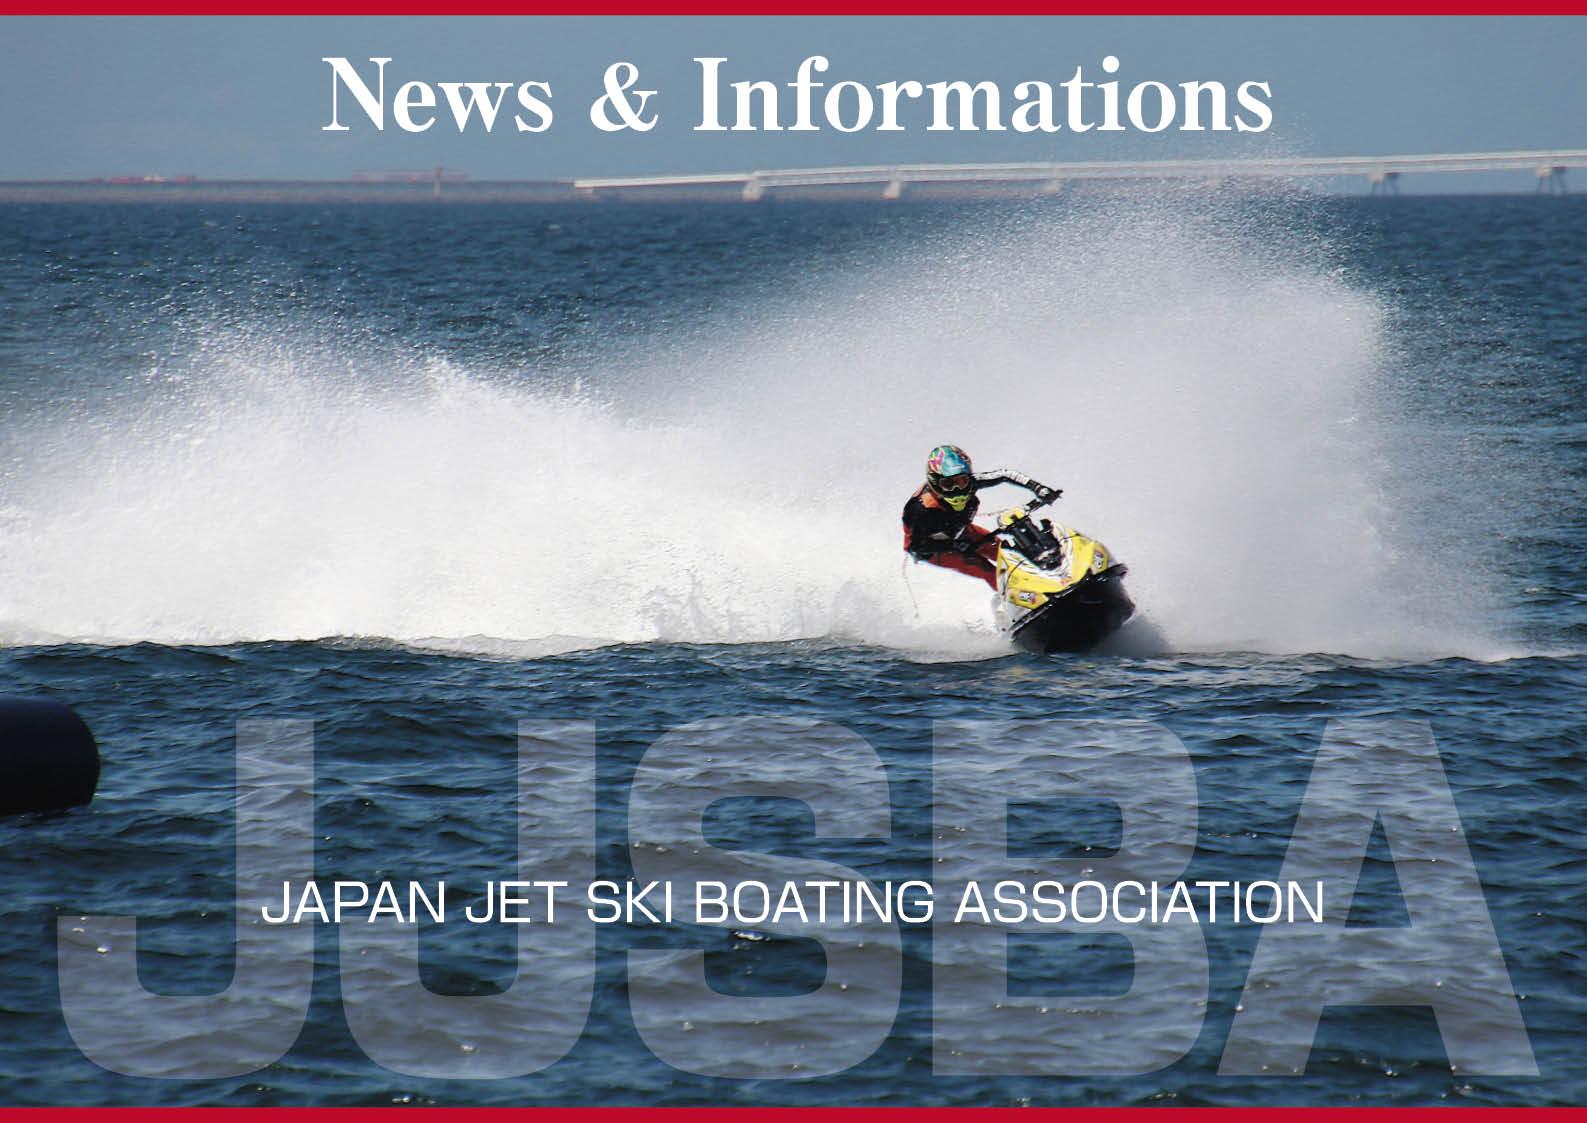 【レーススケジュール】カワサキワンメイクレース 2020 JJSBA LAST CHAMPIONSHIP シリーズ戦 最終戦までの全日程が発表になりました ジェットスキー(水上バイク)